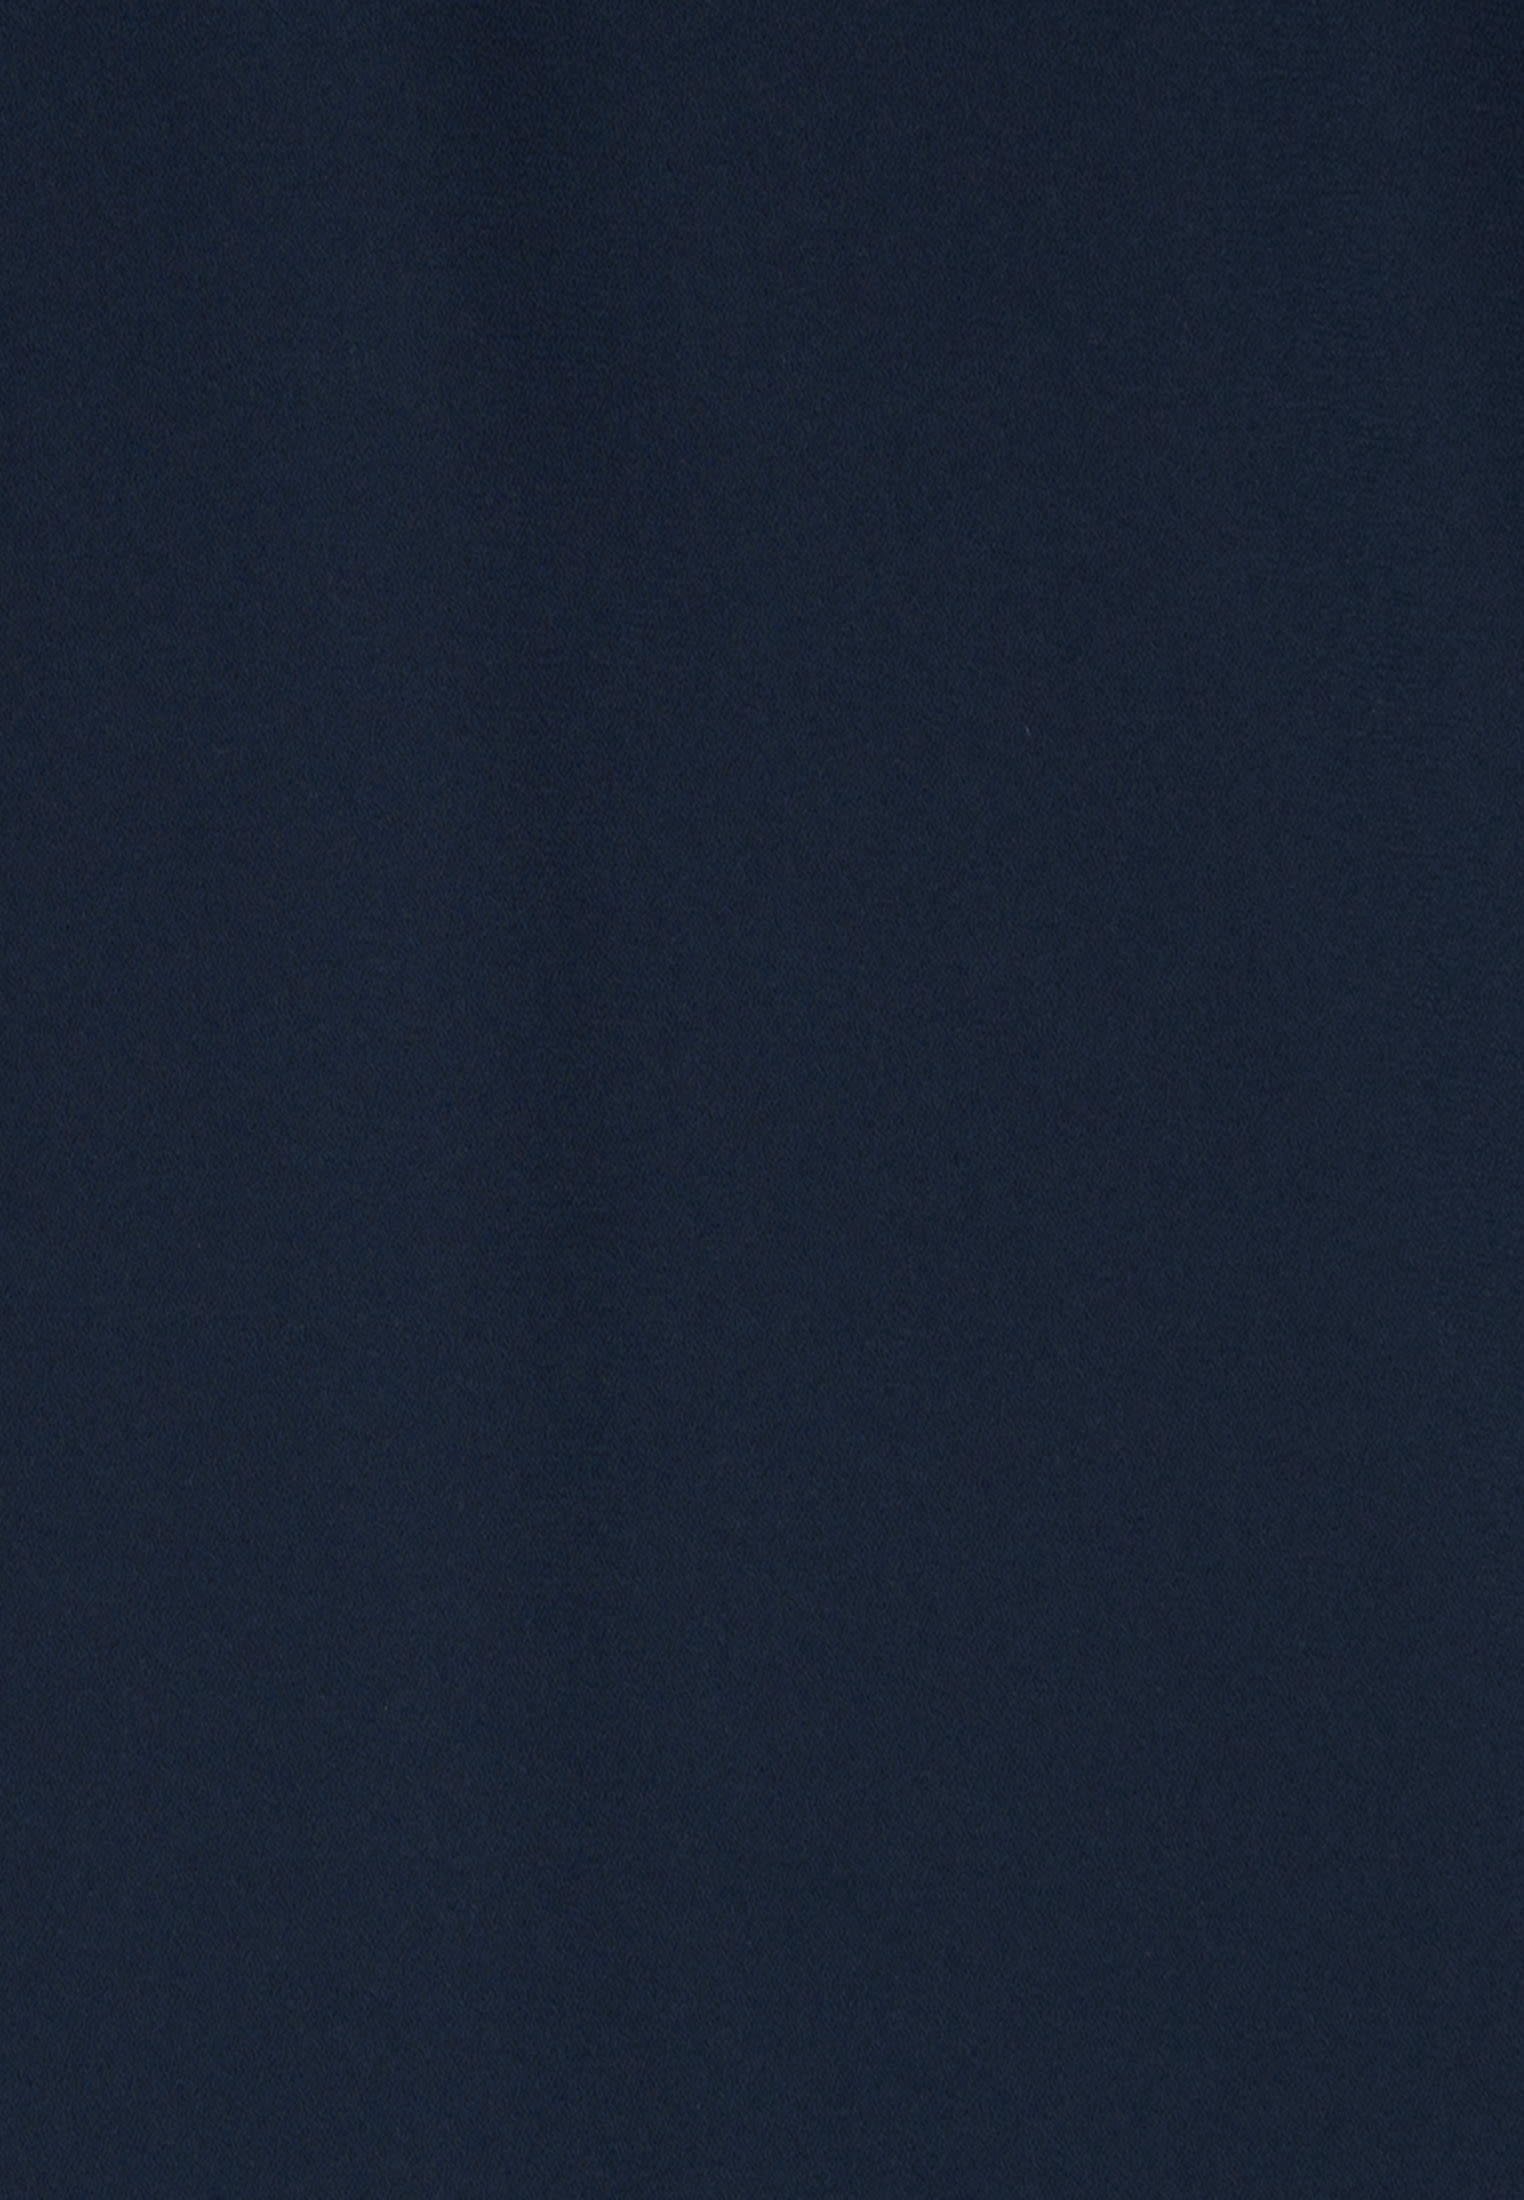 Krepp Longbluse aus 100% Polyester in Dunkelblau |  Seidensticker Onlineshop